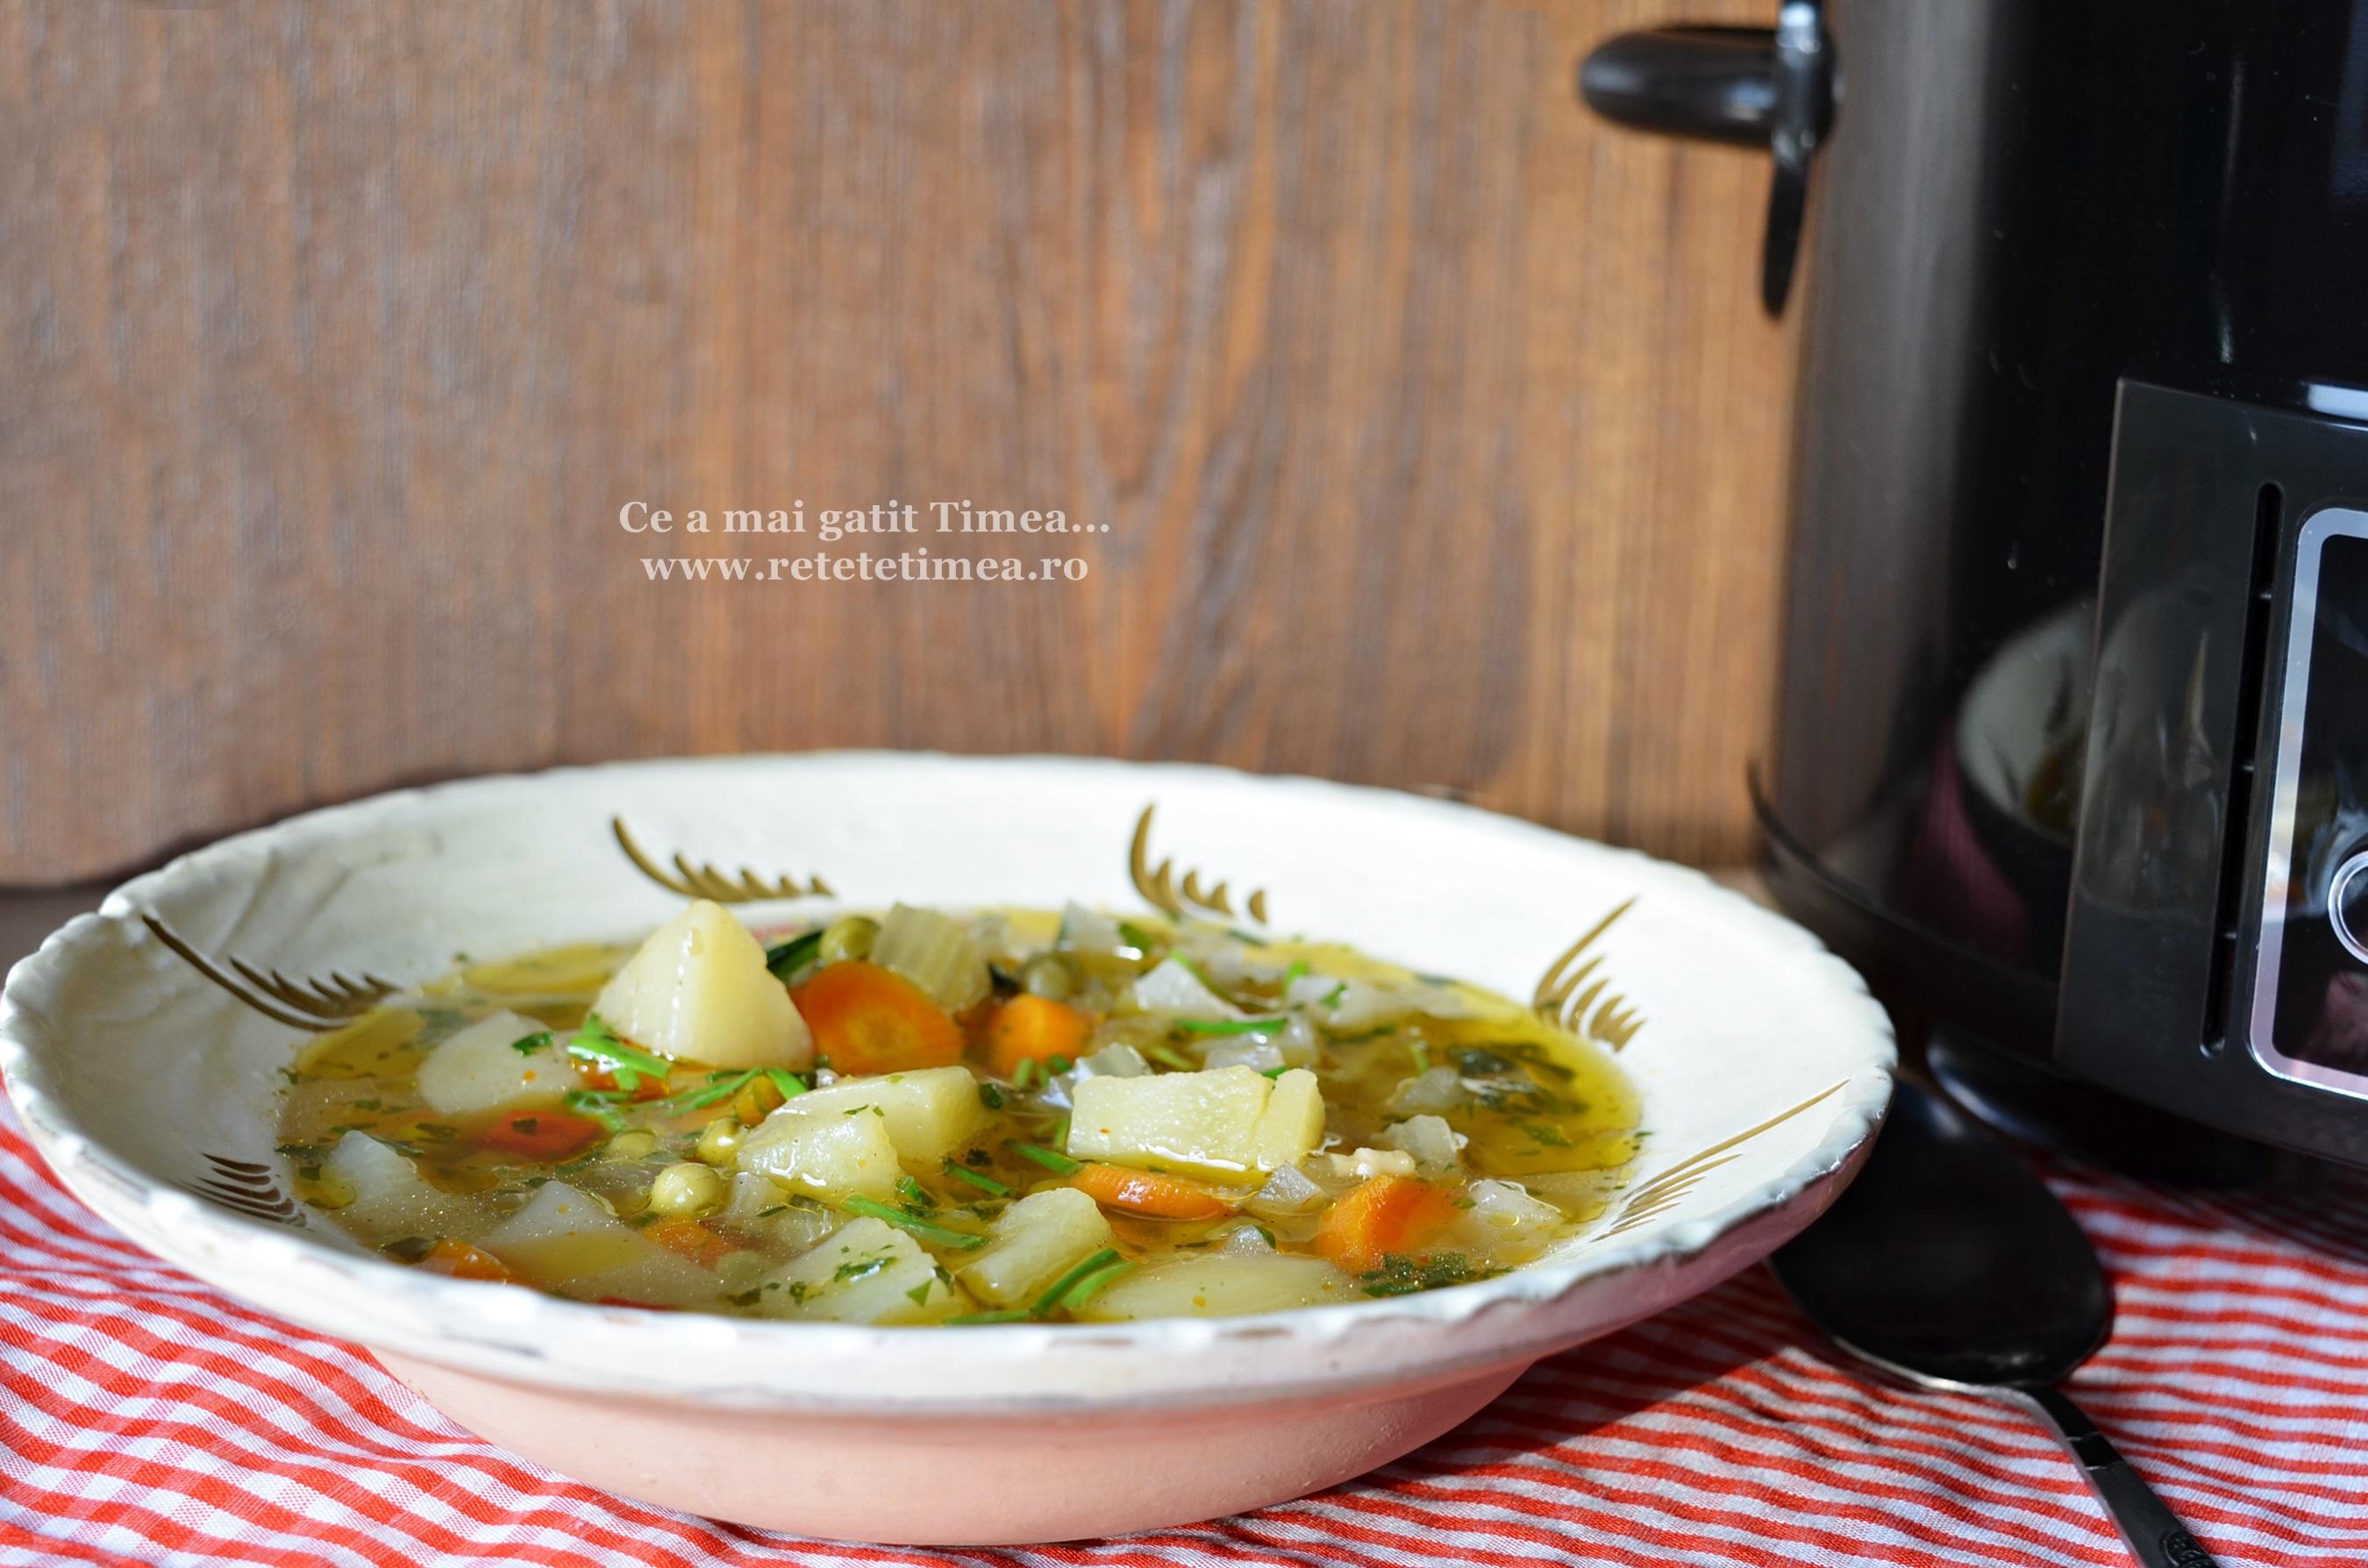 ciorba de legume 1